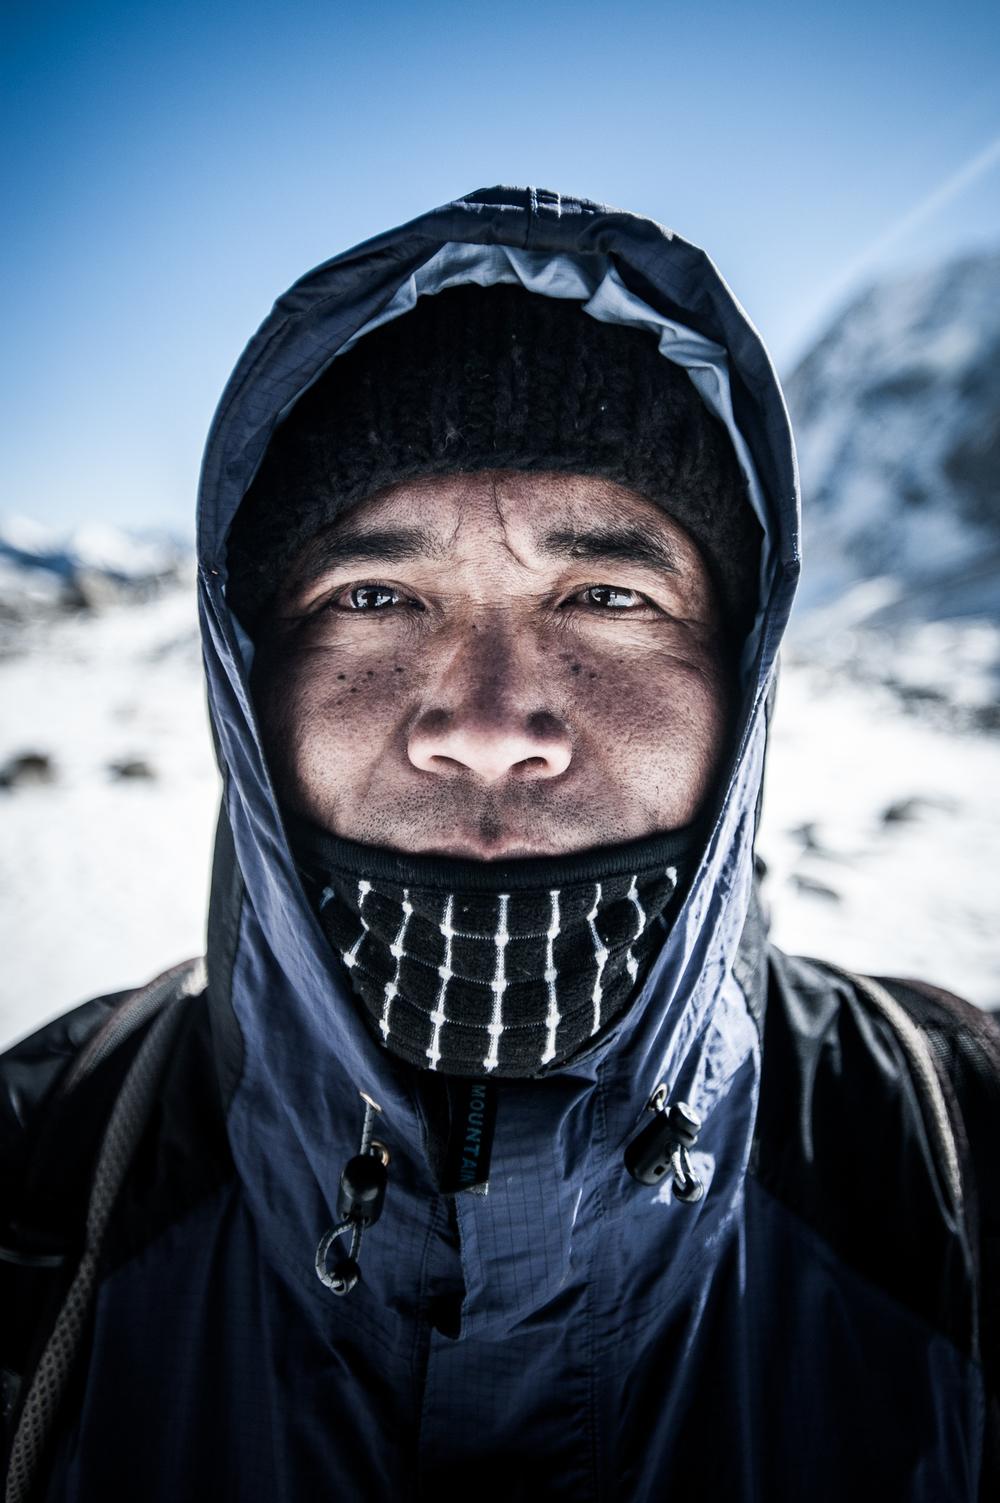 Sherpa, Manaslu, Nepal